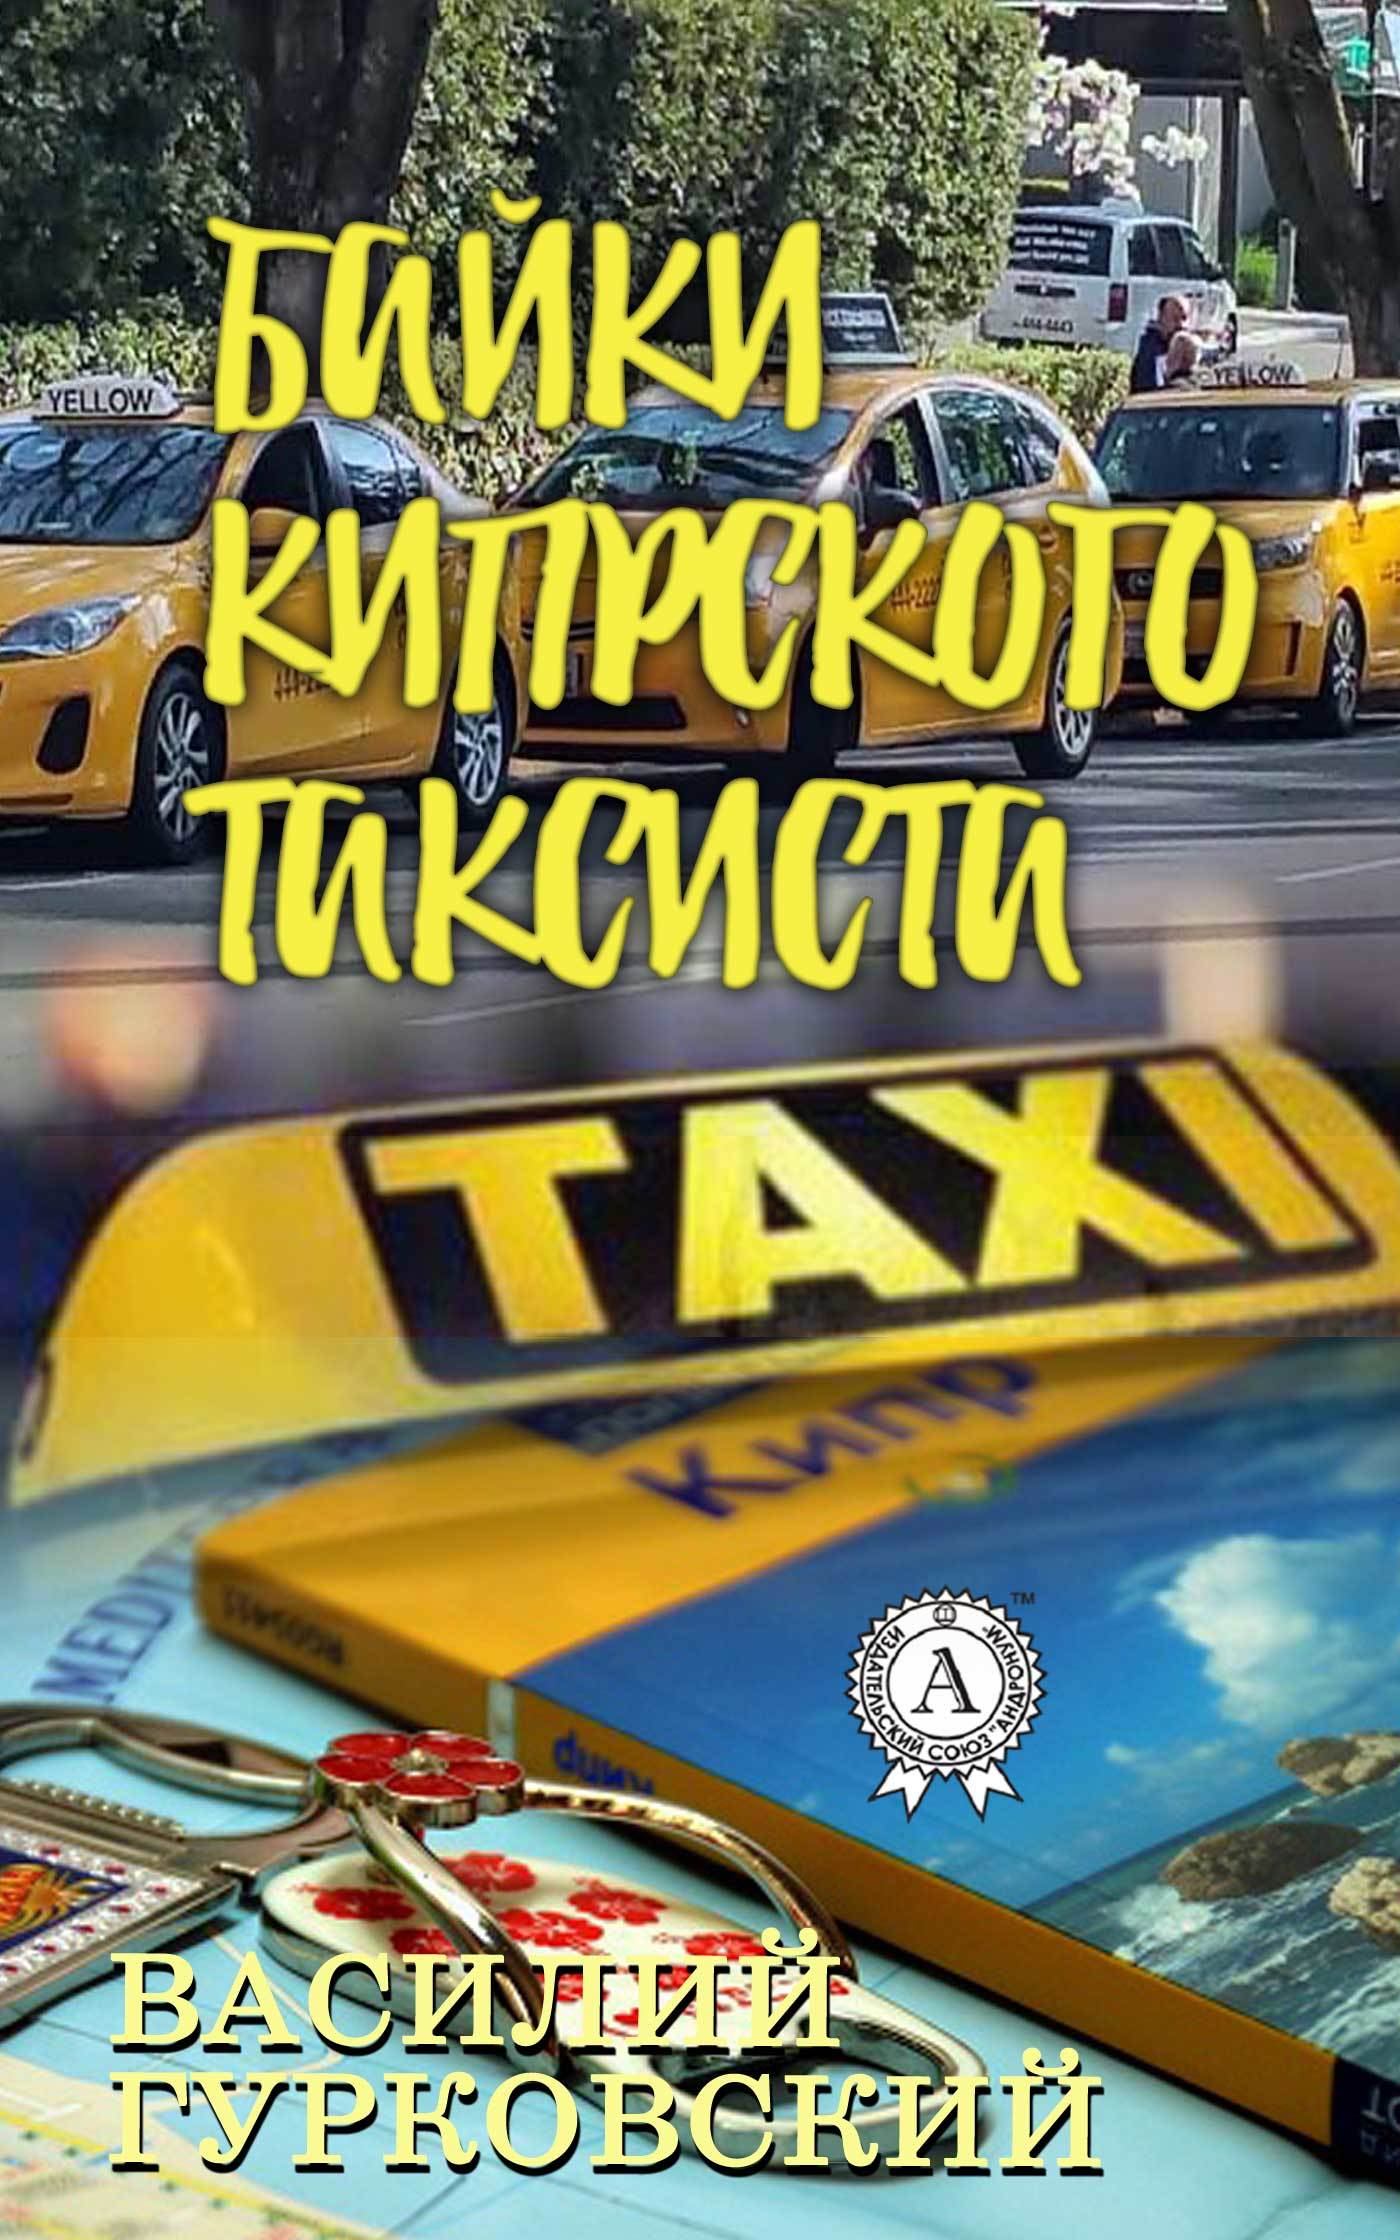 Василий Гурковский Байки кипрского таксиста рождественский р мгновения мгновения мгновения